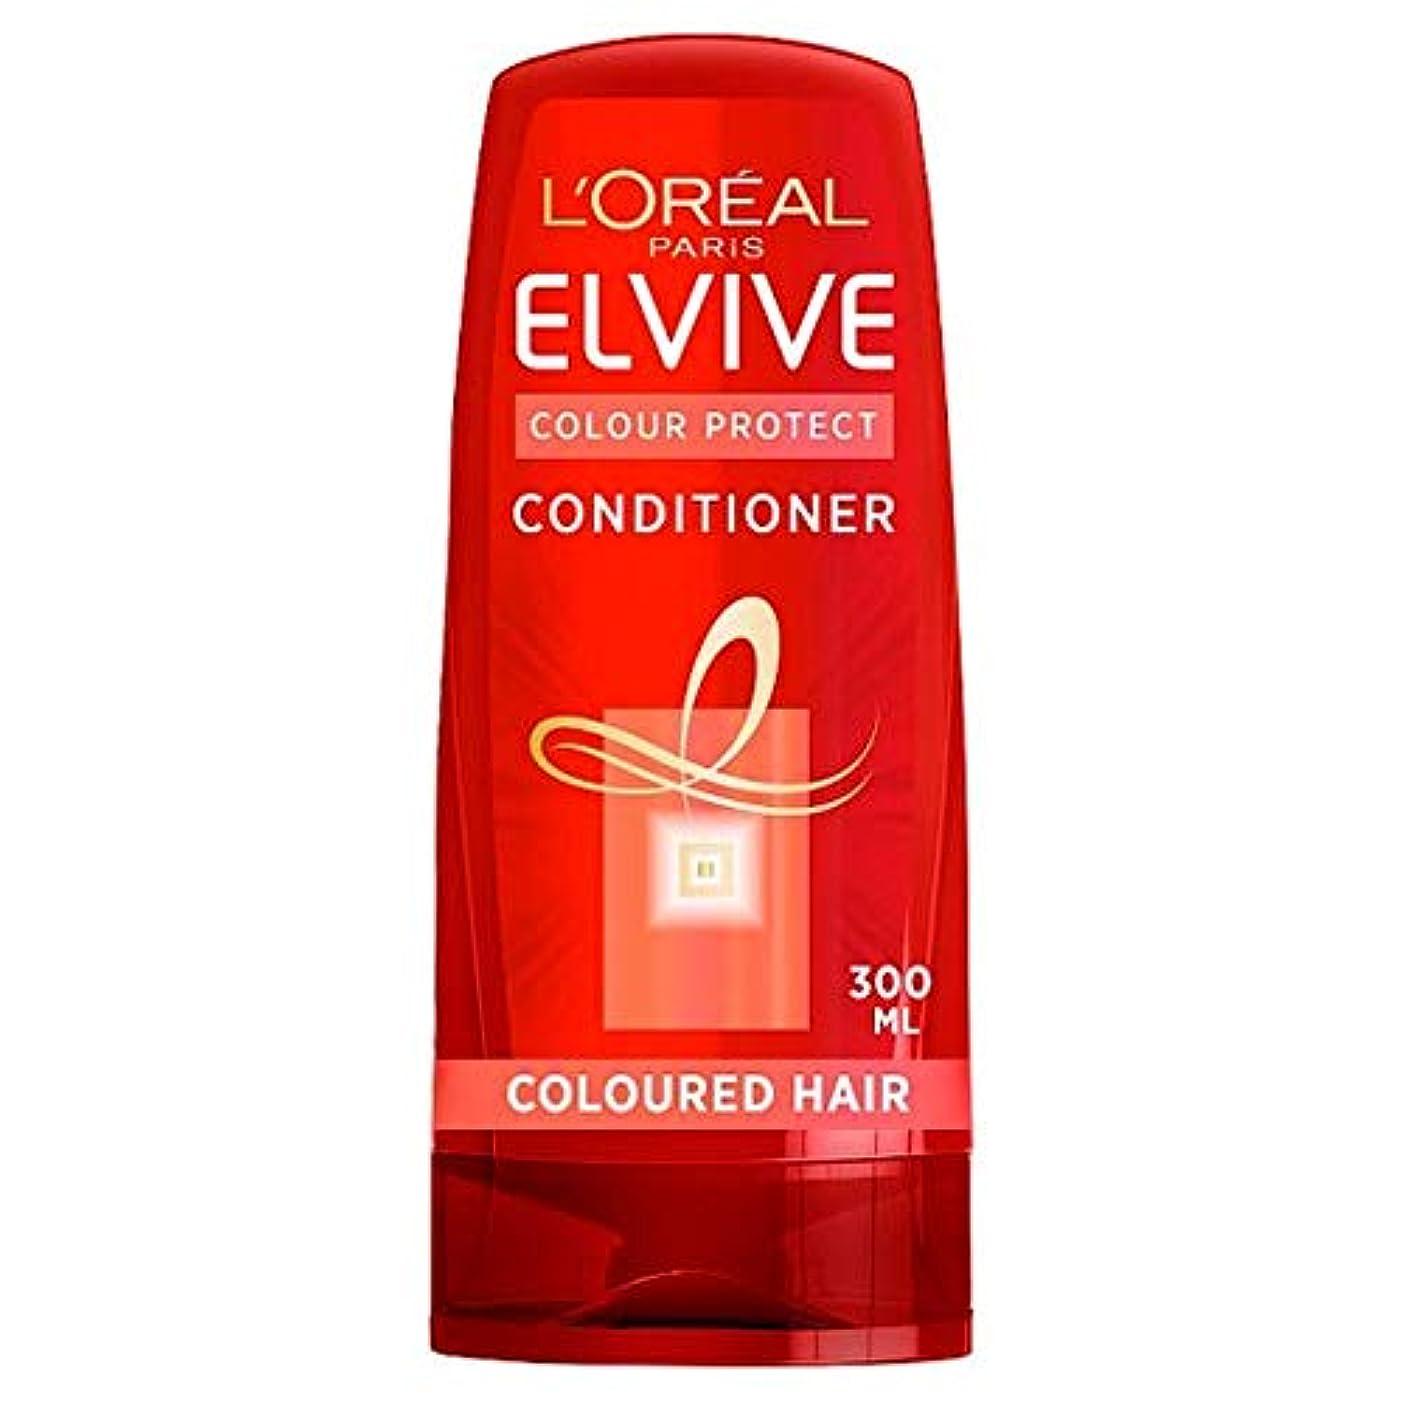 知らせる健康的レポートを書く[Elvive] ロレアルElvive色の保護ヘアコンディショナー300ミリリットル - L'oreal Elvive Coloured Protection Hair Conditioner 300Ml [並行輸入品]